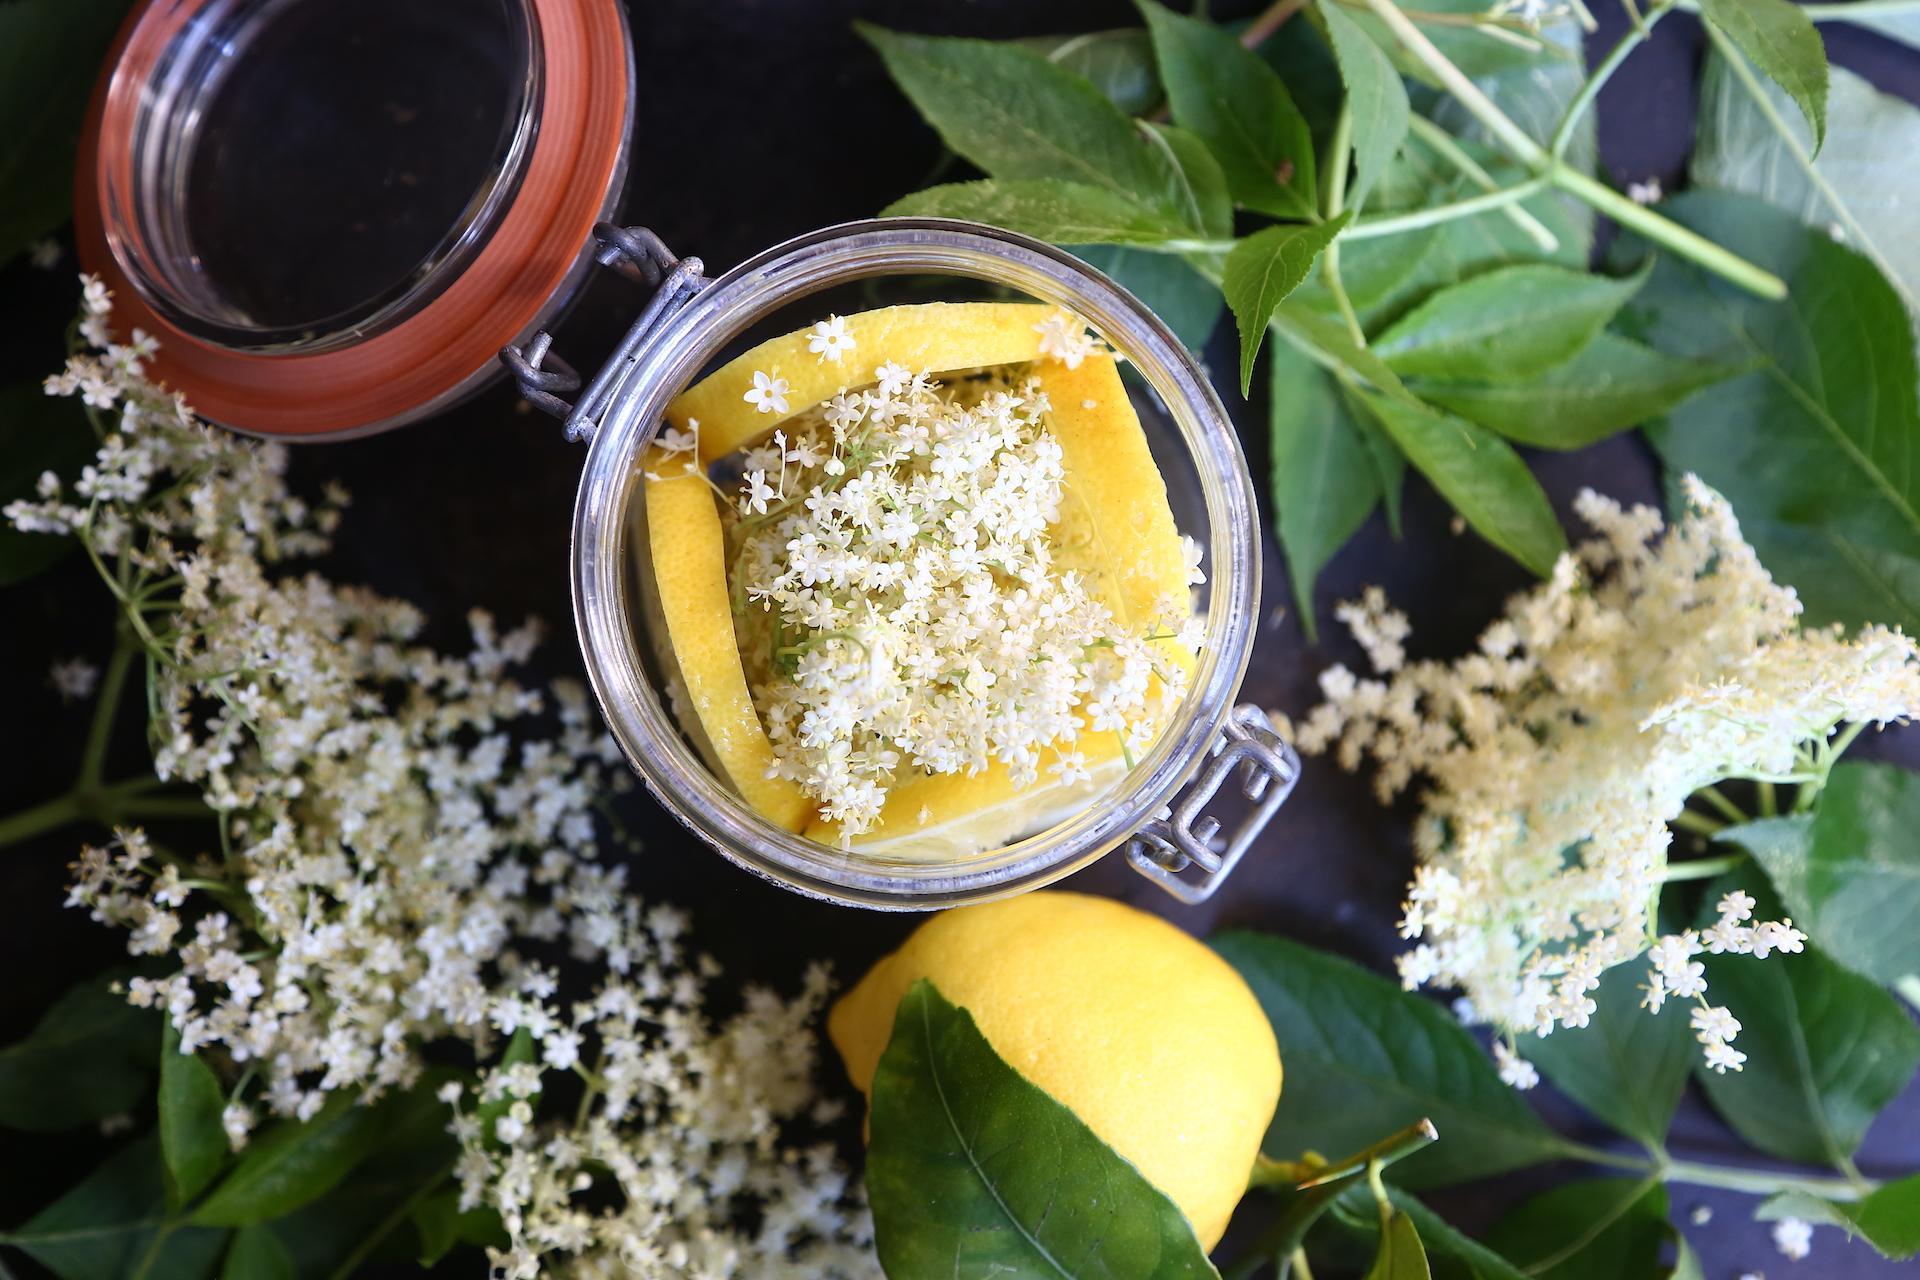 Stratificazione fiori sambuco e limone © Beatrice Spagoni copia